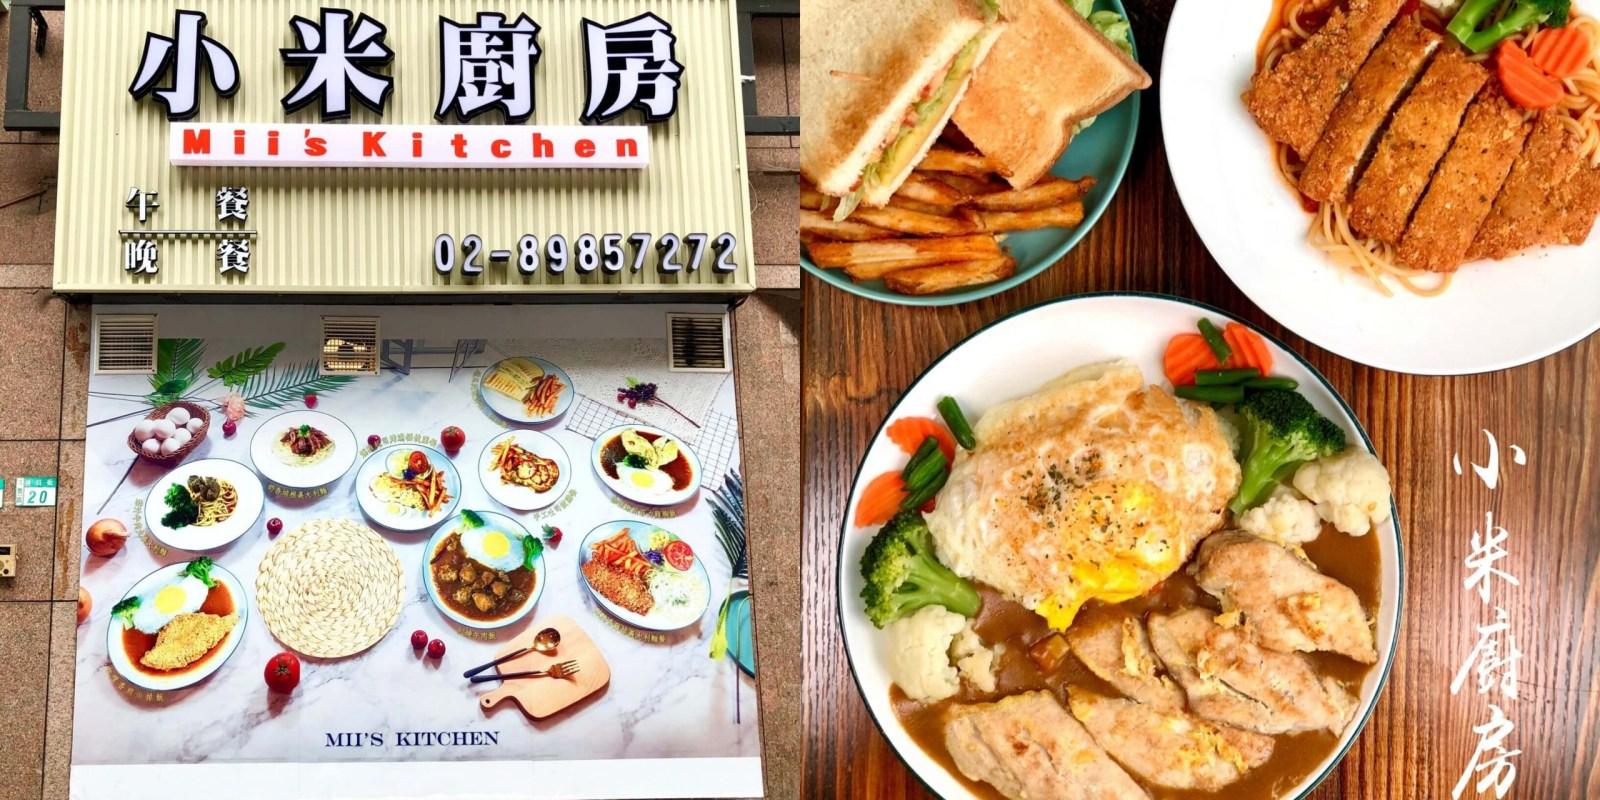 【三重美食】小米廚房 新開幕!主打中式簡餐的平價料理,只要點選一份餐點即送一杯紅茶!